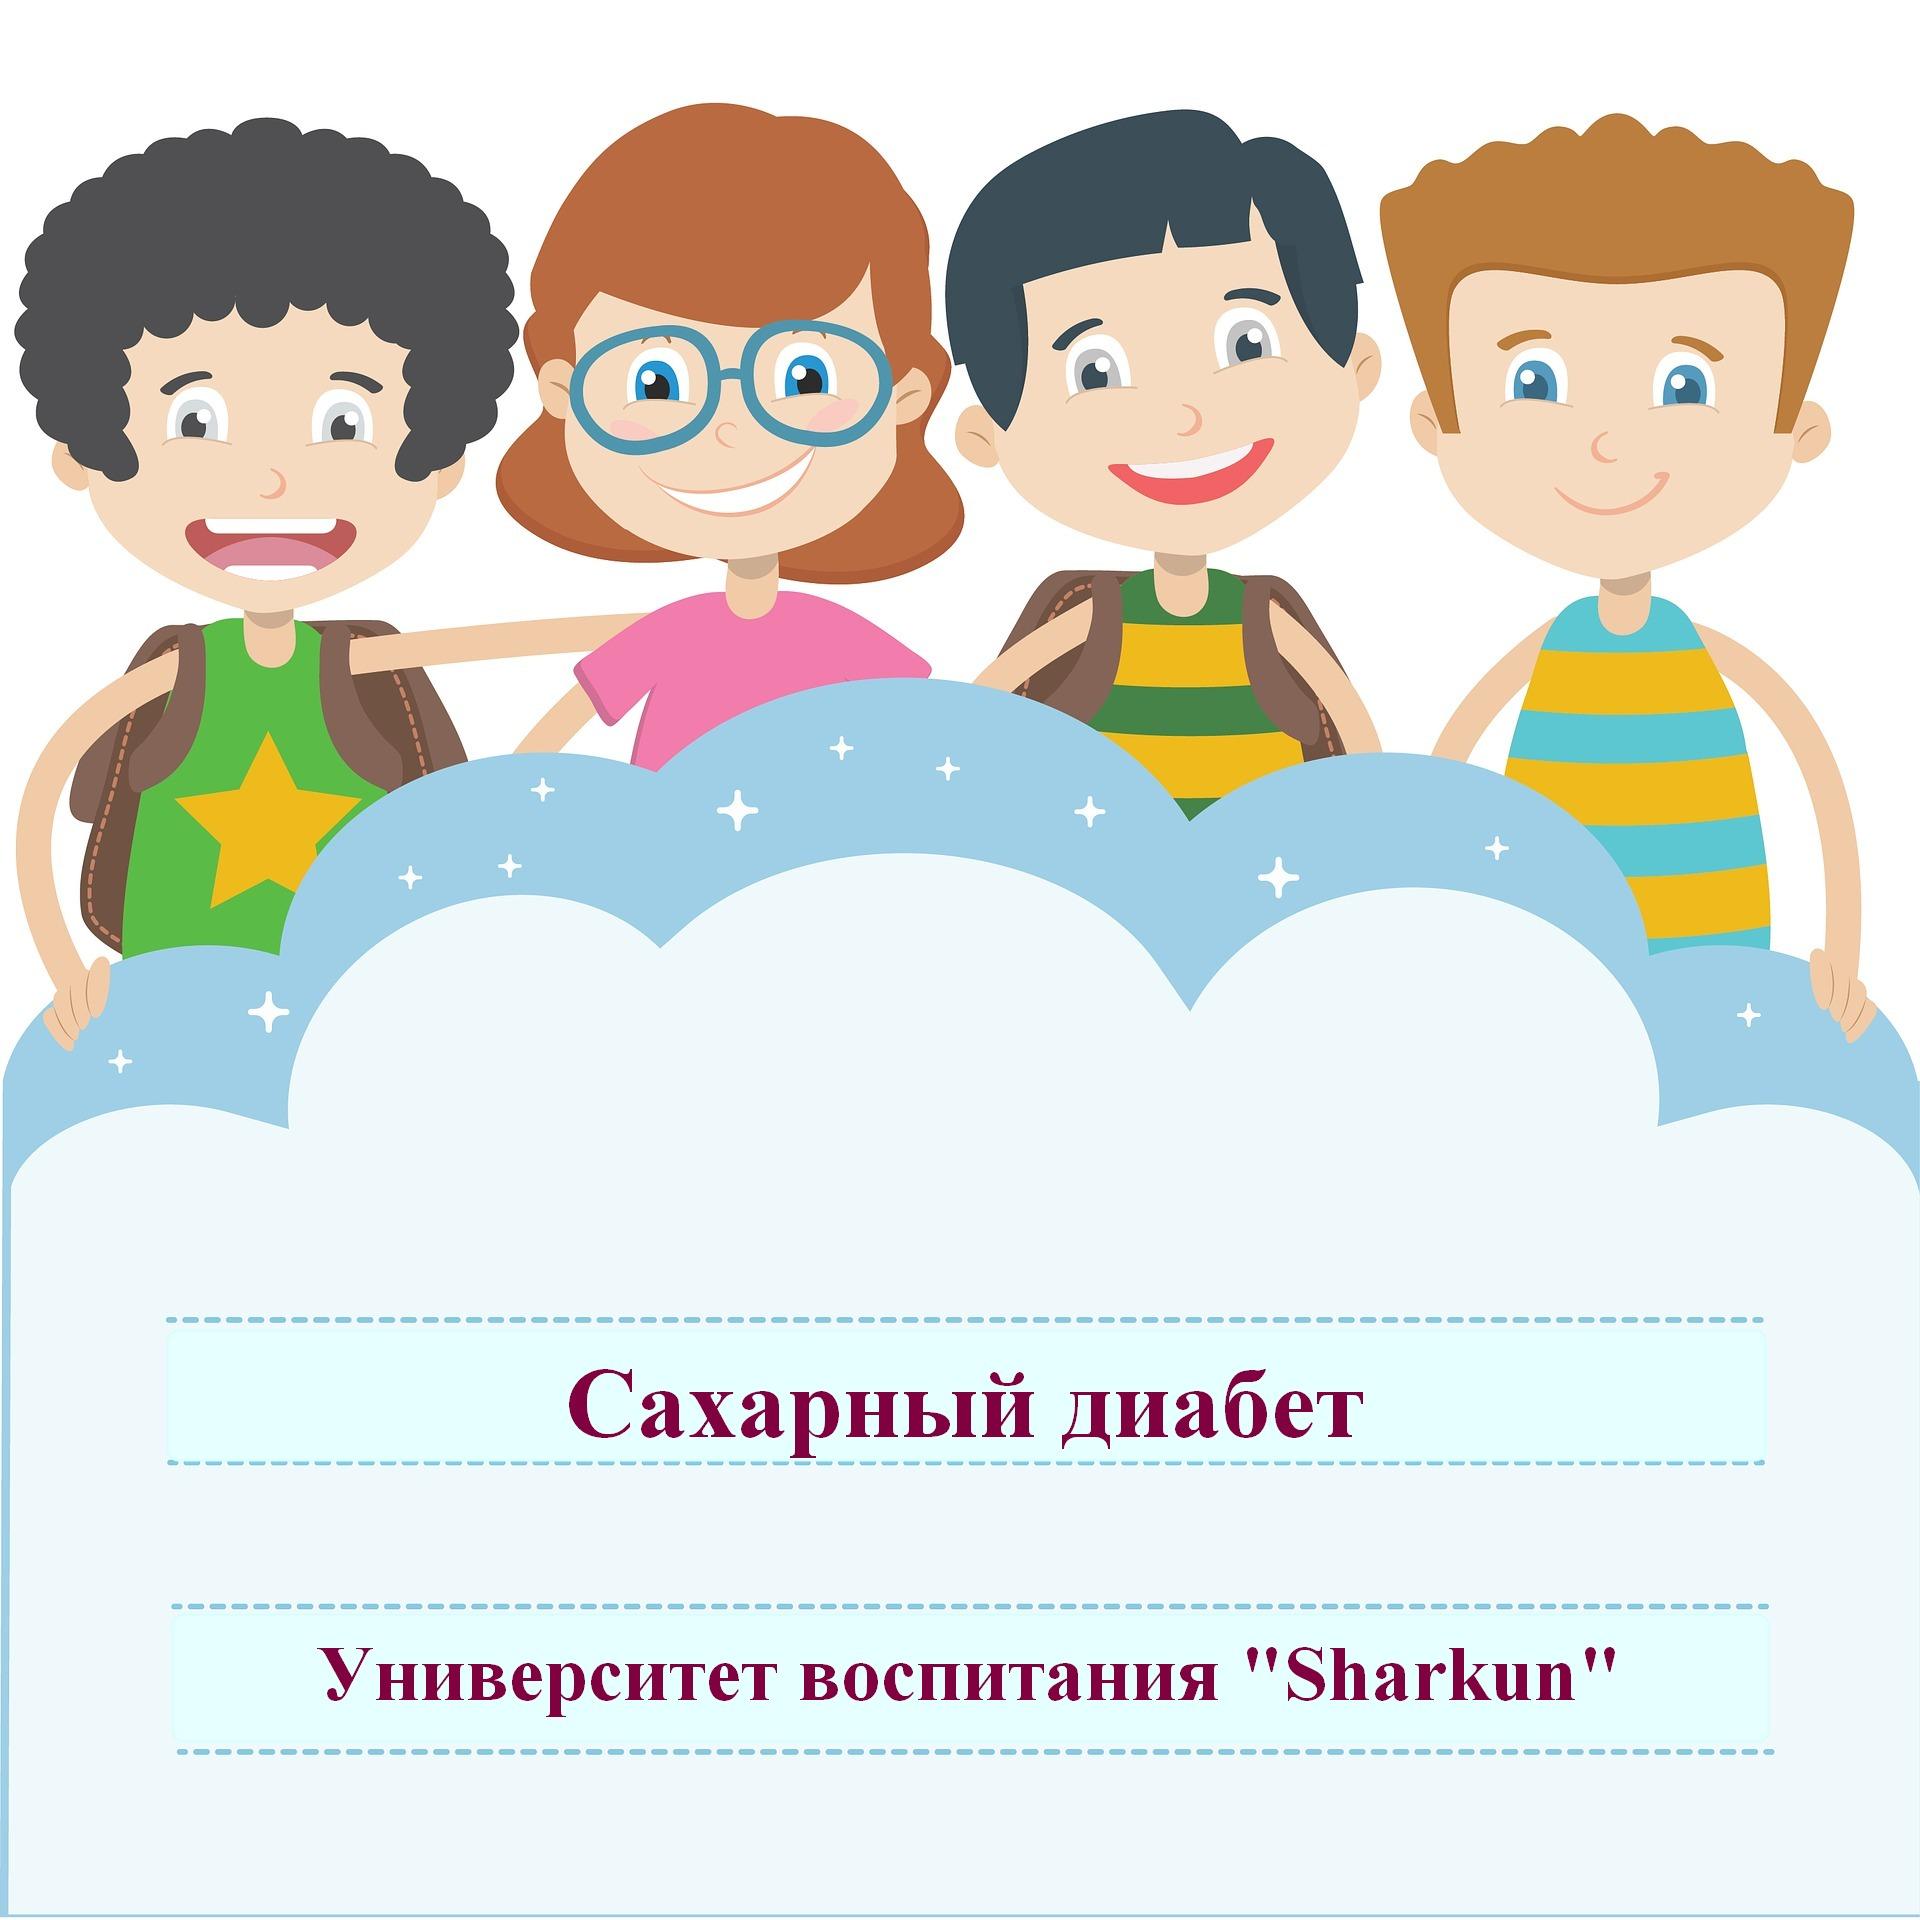 """обложка, на ней четверо детей, а на строчках надписи """"Сахарный диабет"""" и """"Университет воспитания """"Sharkun"""""""